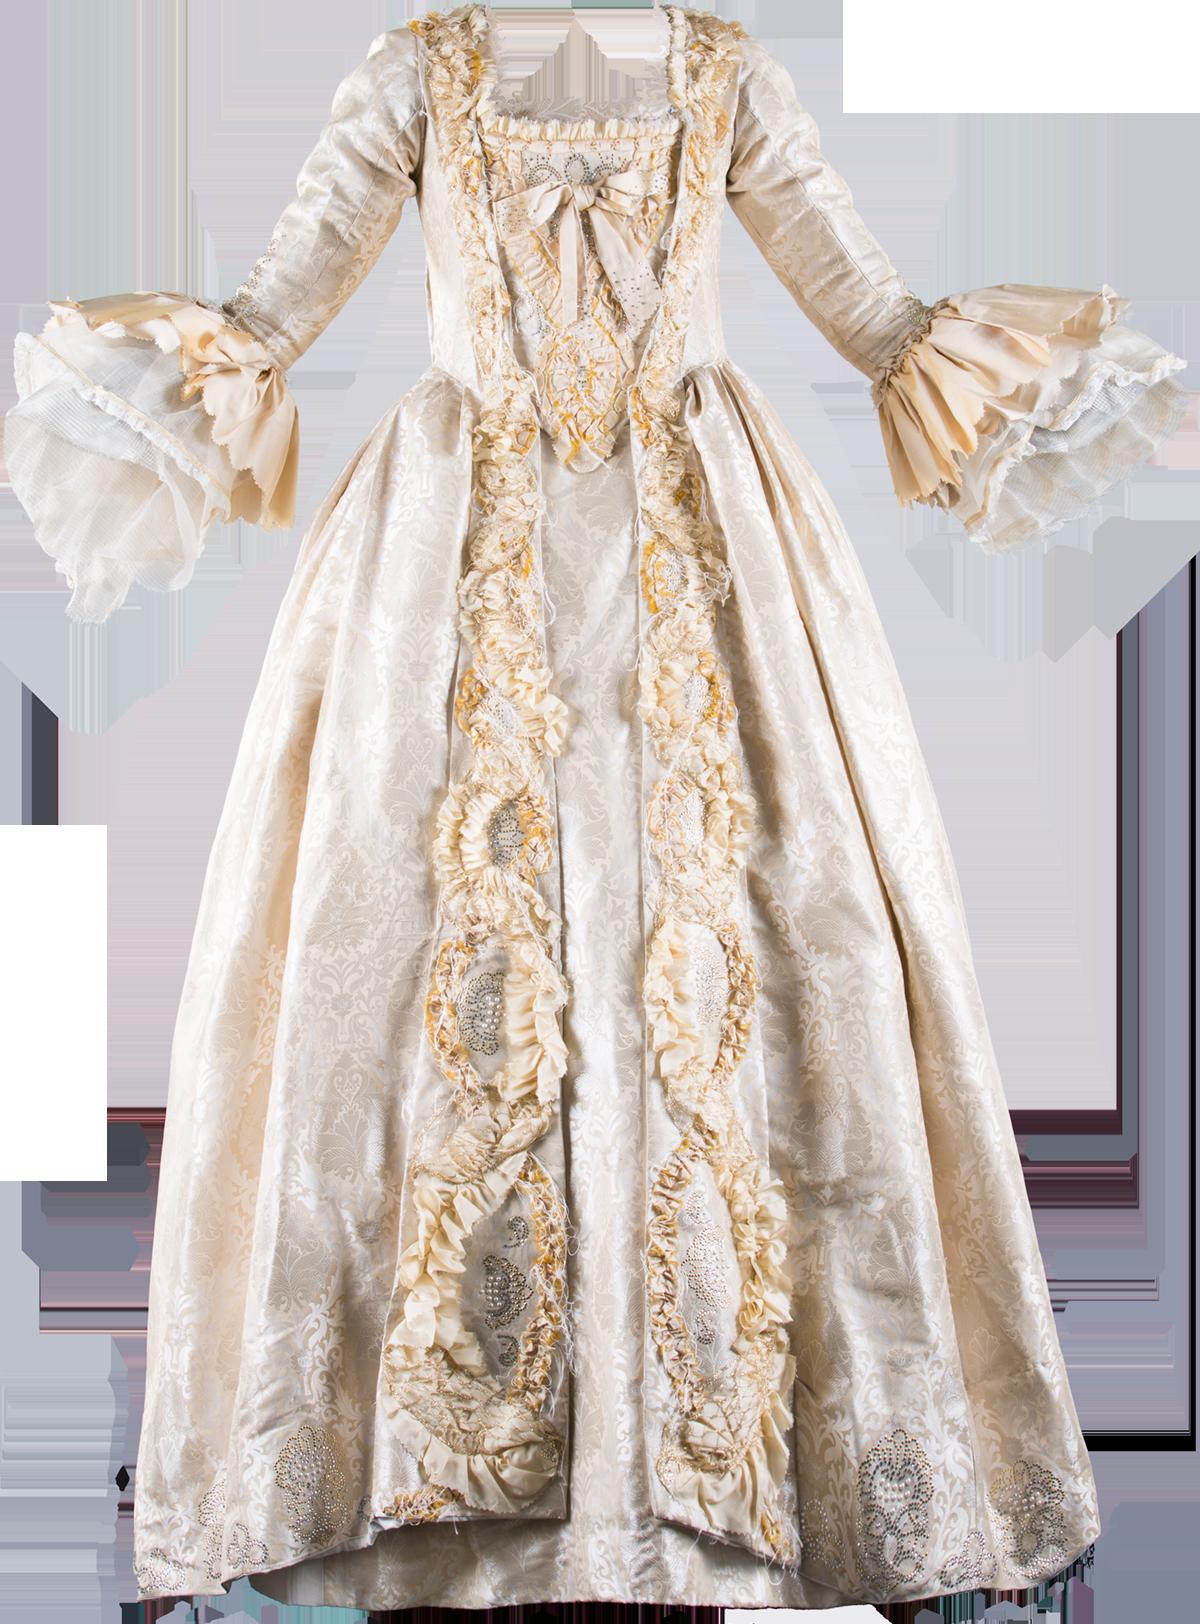 Beige silk ball gown in Watteau style - Sastrería Cornejo